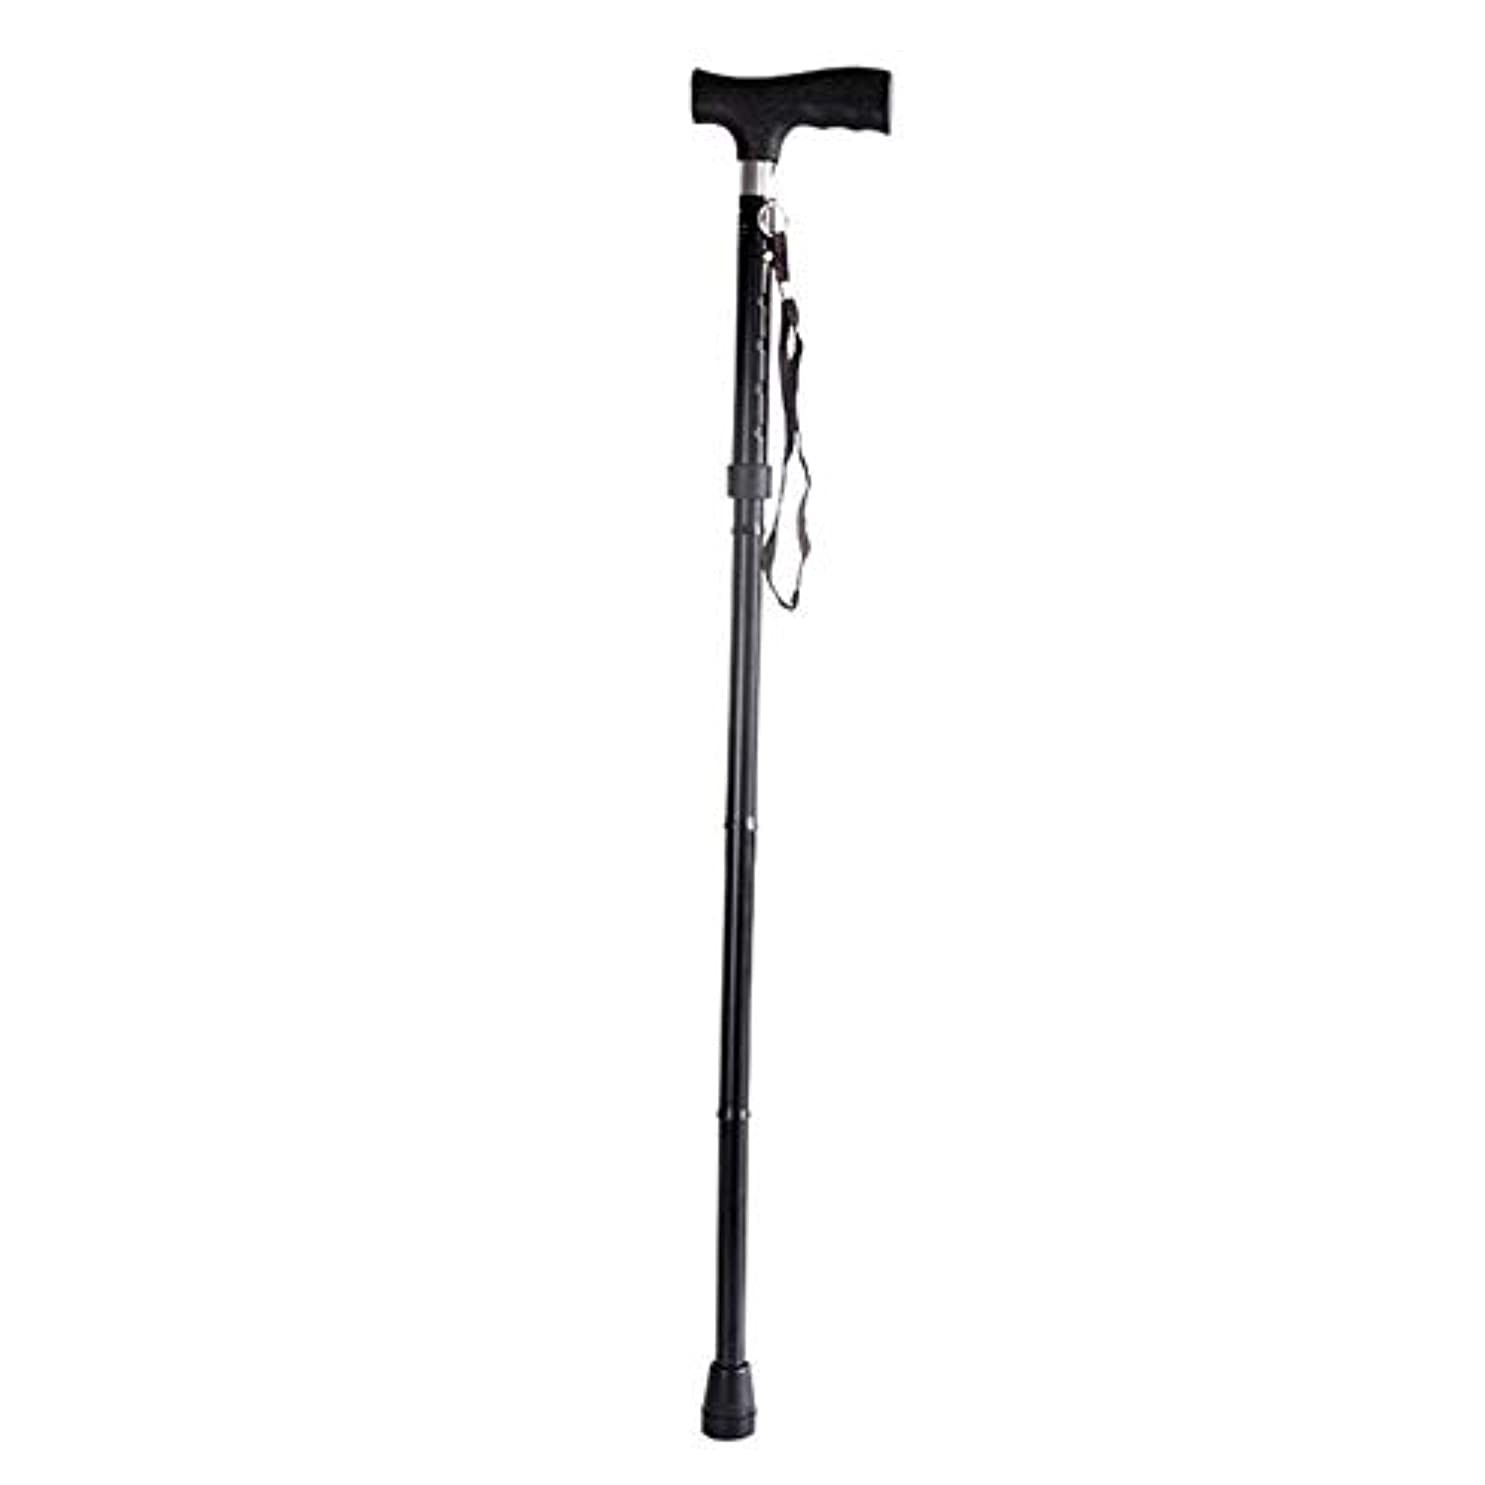 犬拘束悲しい人間工学に基づいてデザインされた折りたたみ式木製ステッチ付き杖杖左または右利き用の調節可能な高さレベル5 - 黒